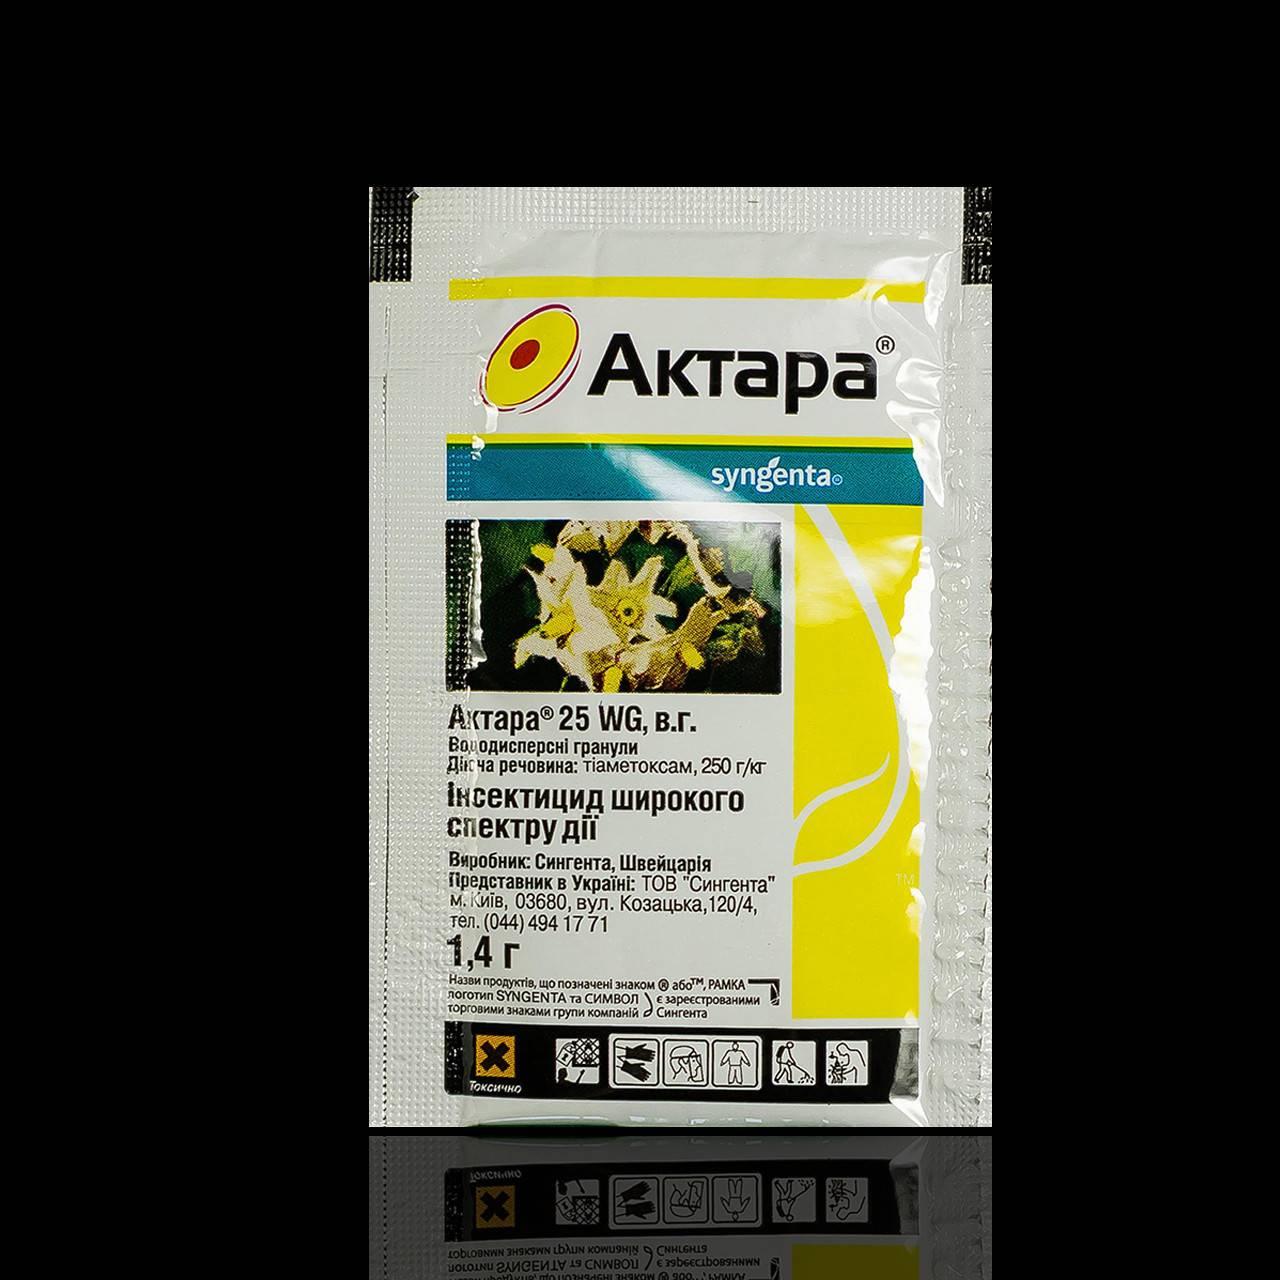 Актара для орхидей: как применять и развести препарат, чтобы обработать растение